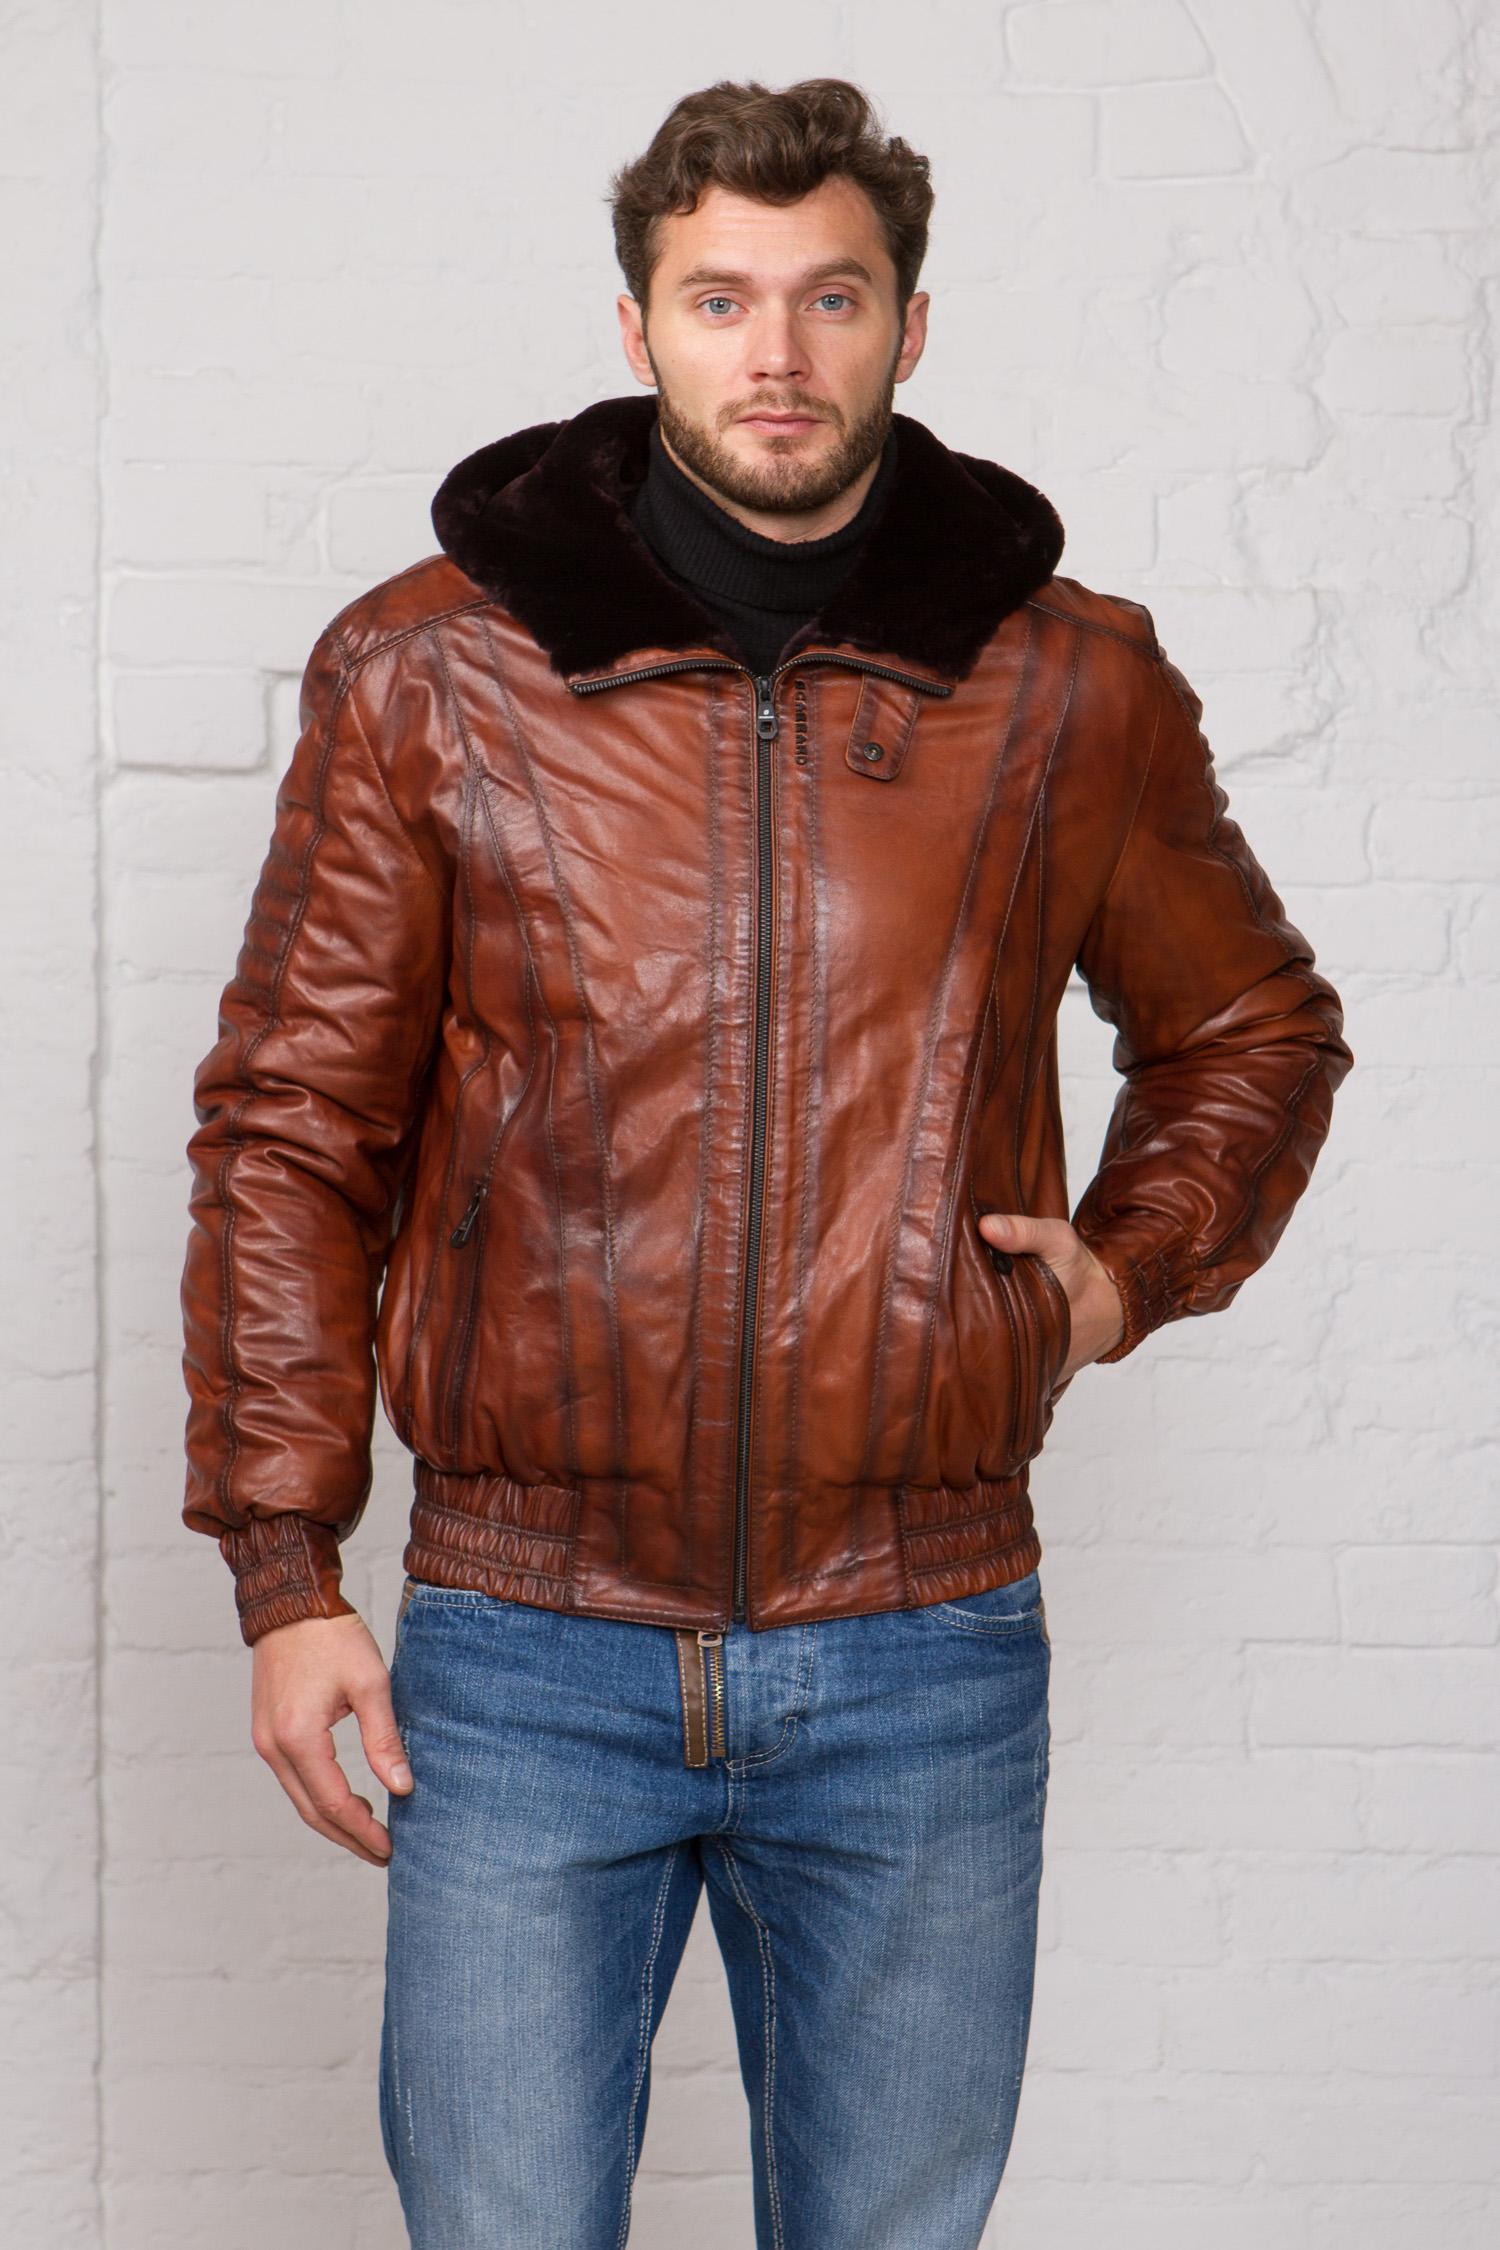 Мужская кожаная куртка из натуральной кожи на меху с капюшоном, без отделки